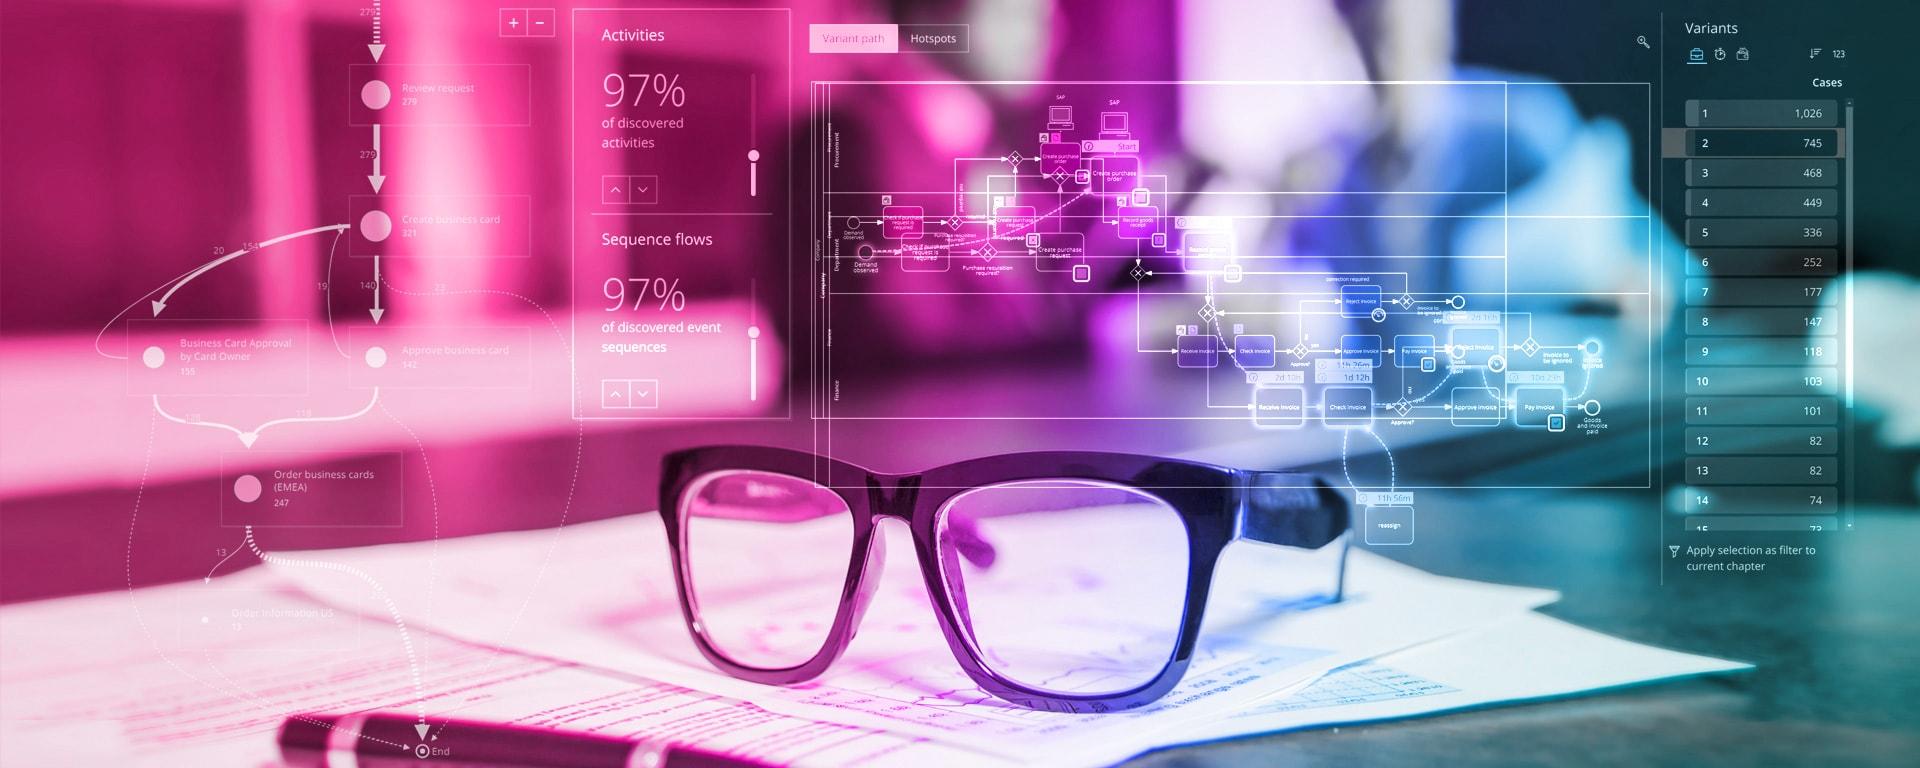 Process Mining für Banken Blog Header-Image - Brille auf Papier vor magenta-farbenem Hintergrund